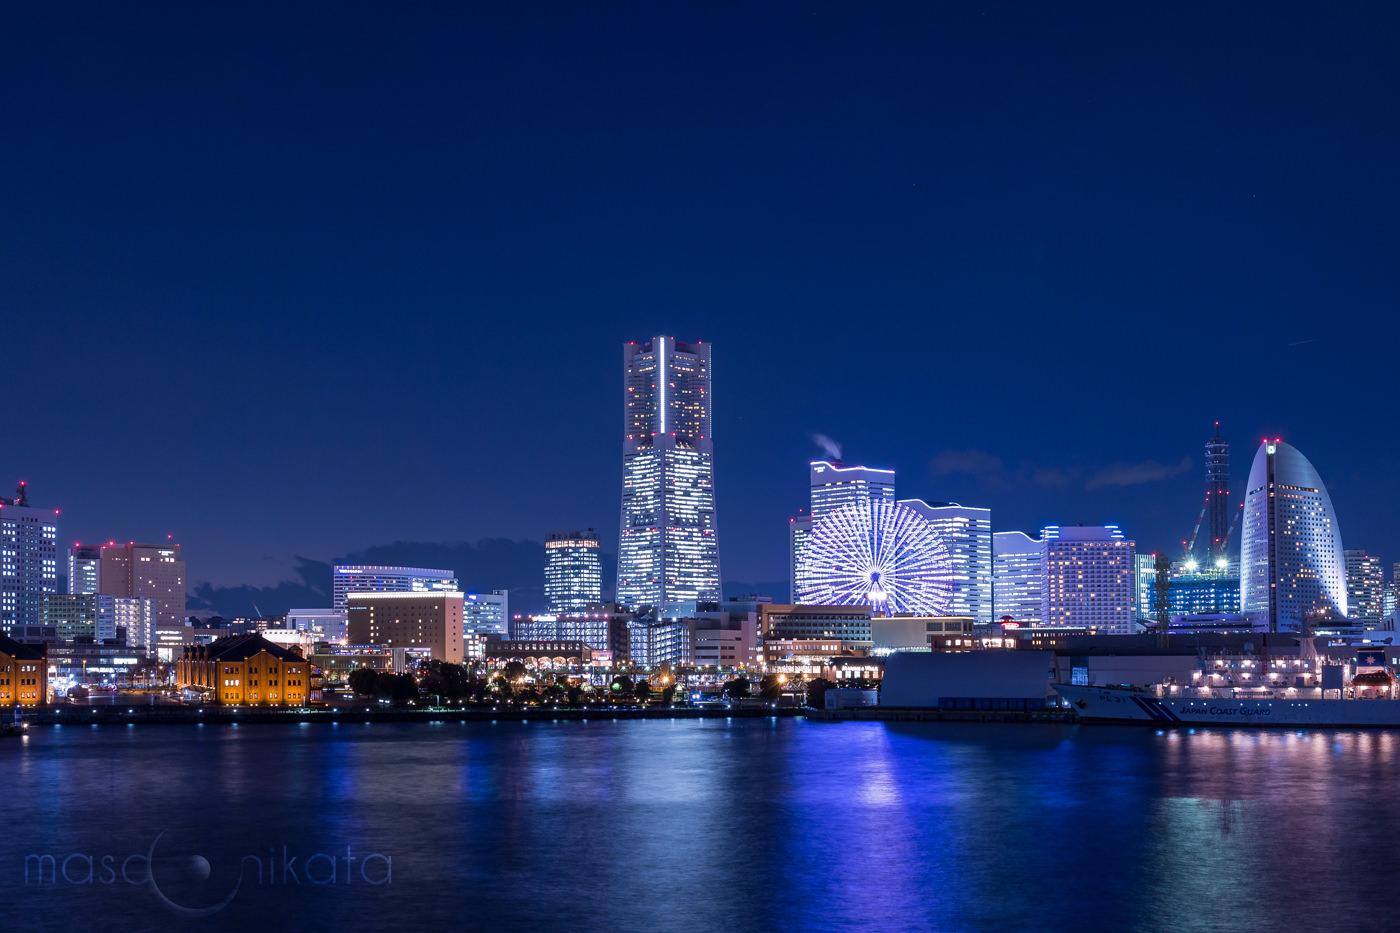 みなとみらいの夜景_Blue